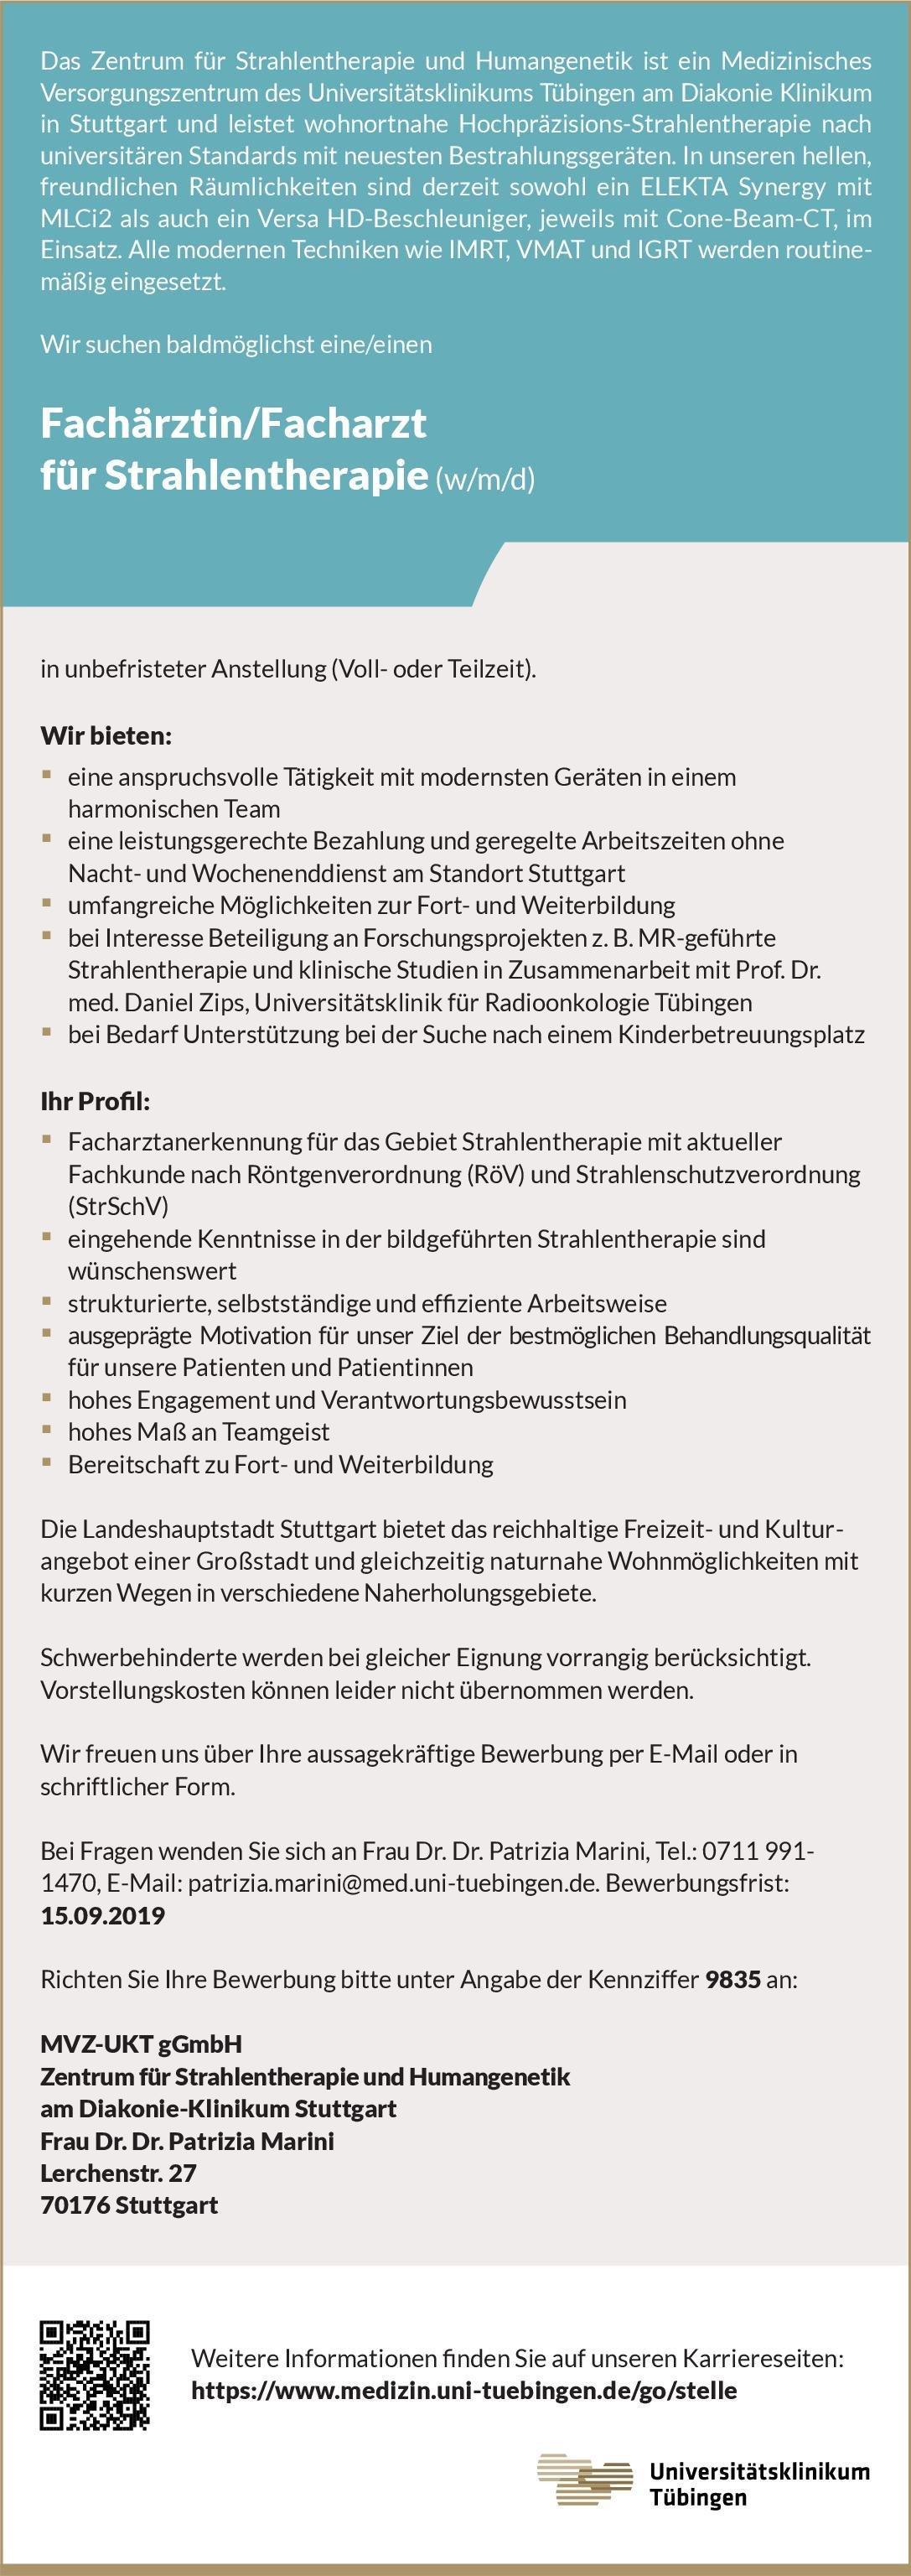 Diakonie-Klinikum Stuttgart Fachärztin/Facharzt für Strahlentherapie (w/m/d) Strahlentherapie Arzt / Facharzt